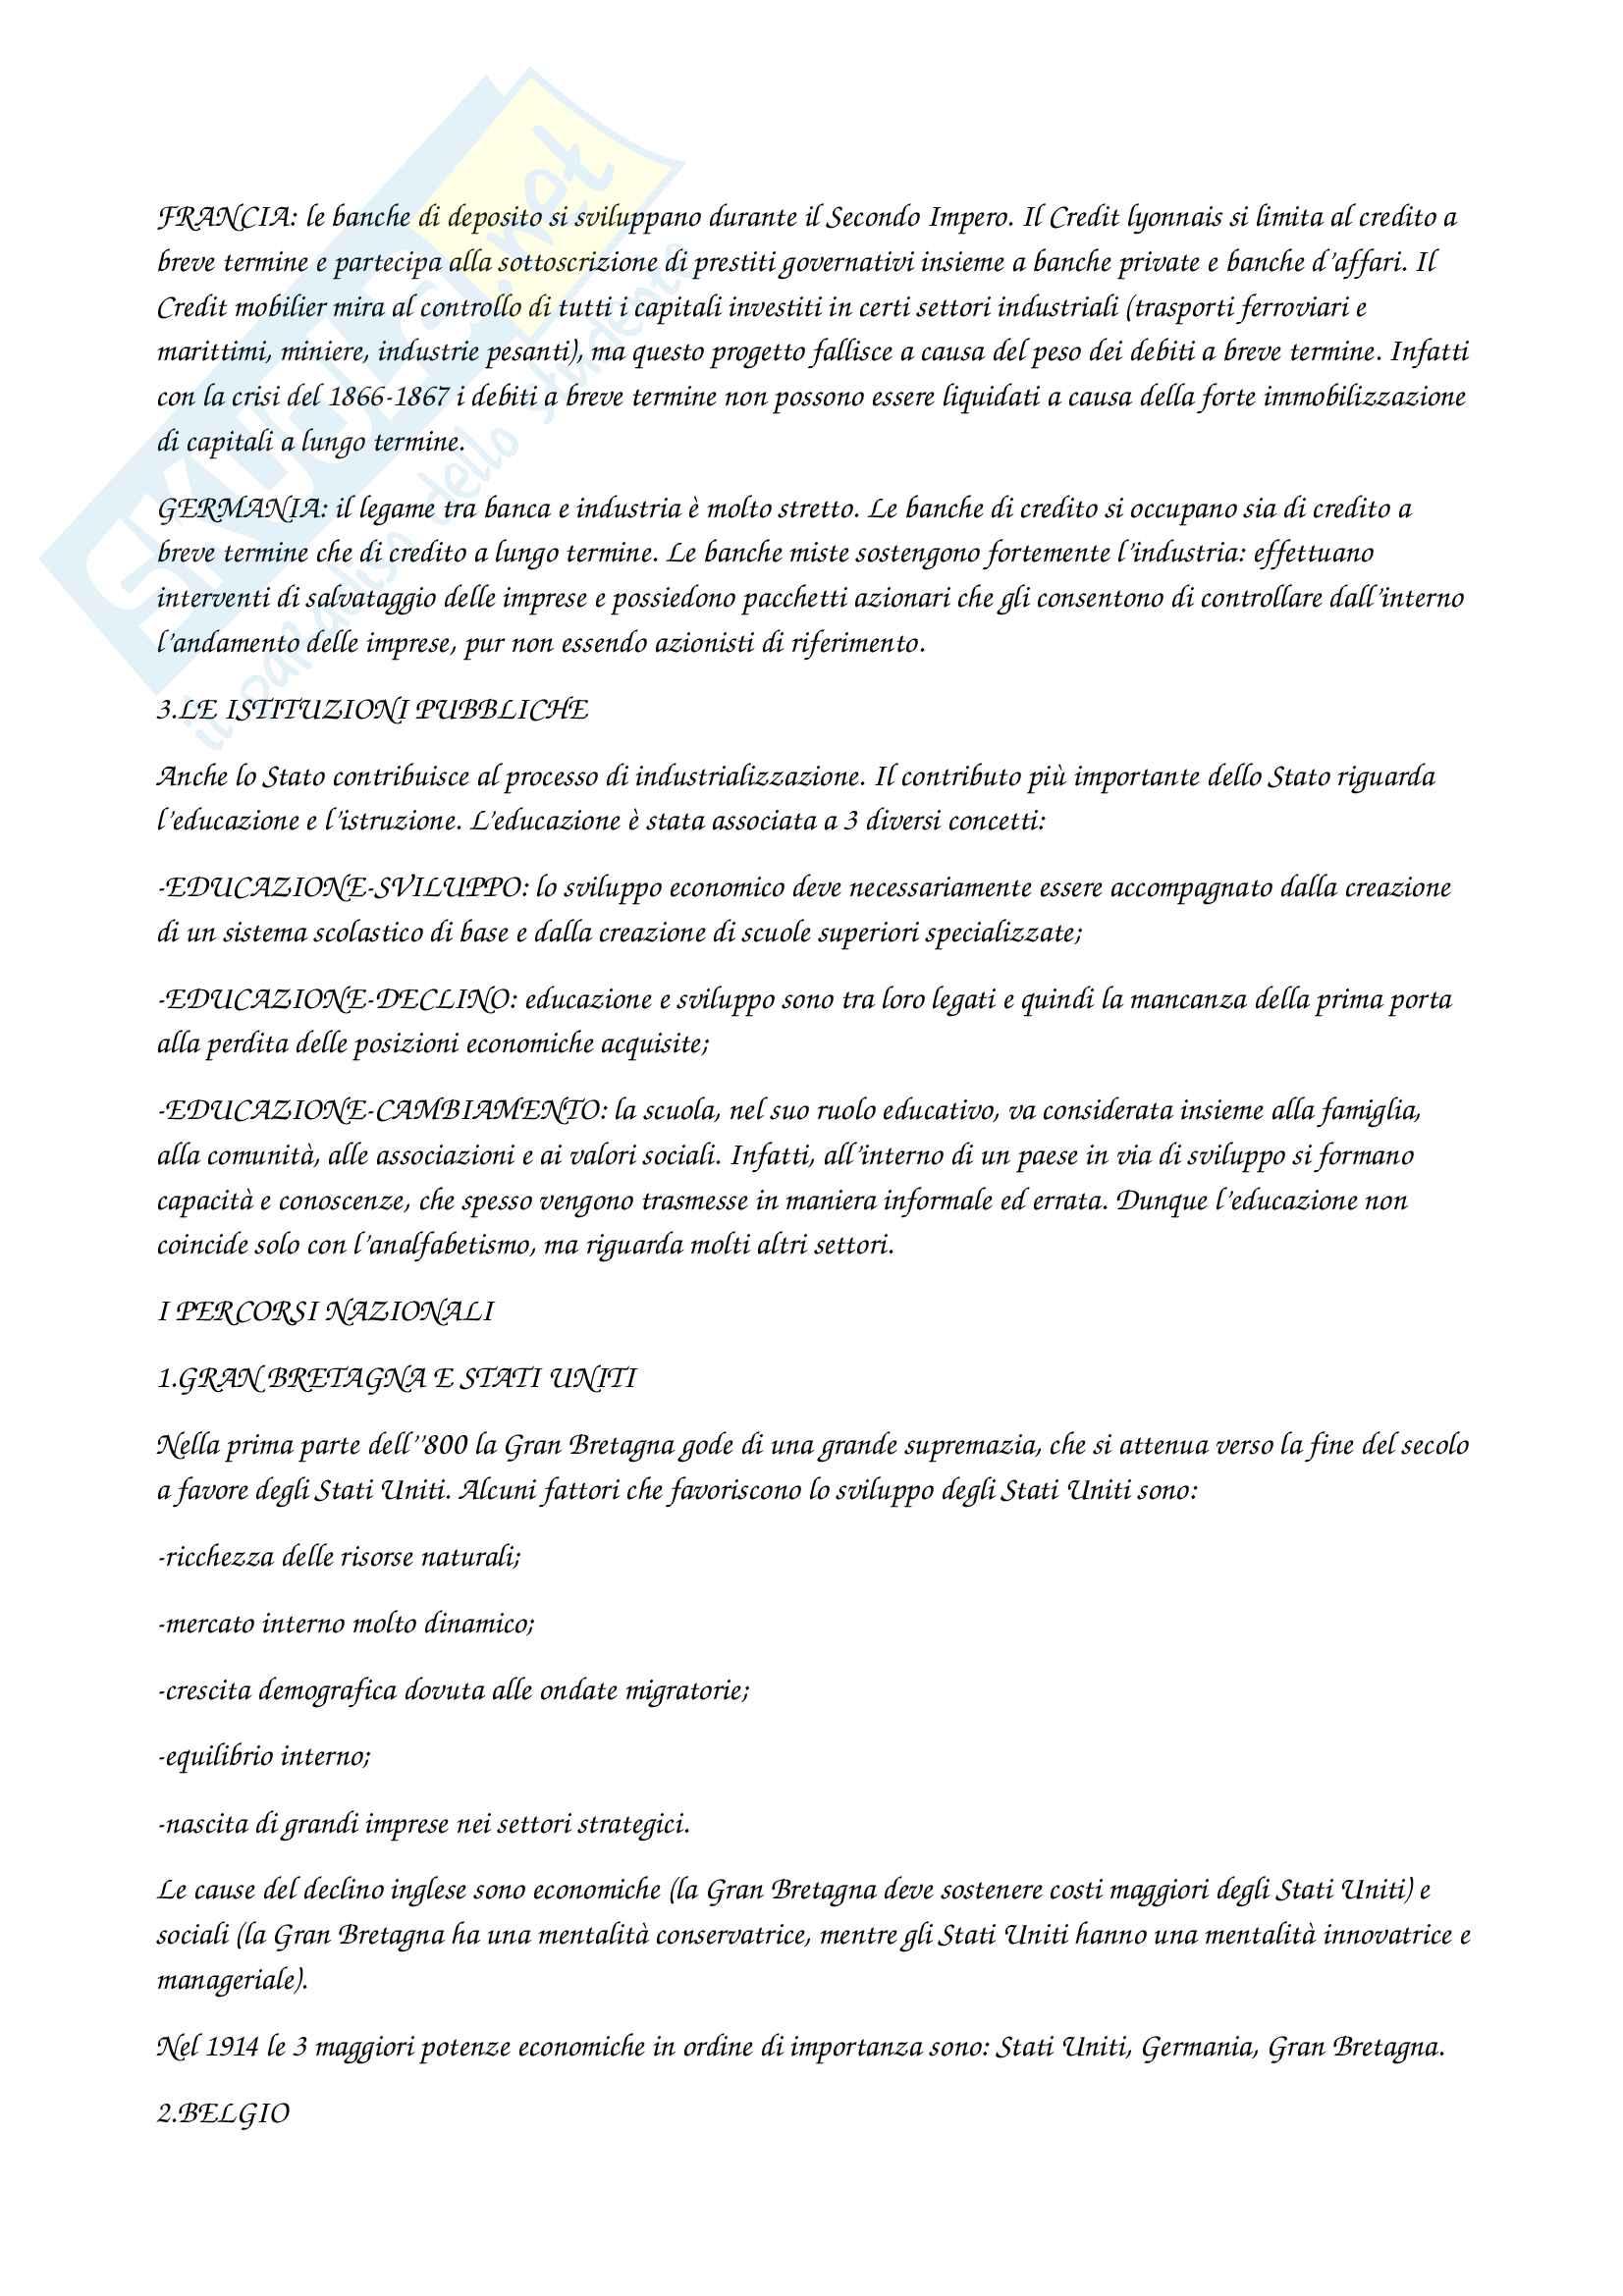 """Riassunto esame di storia economica, prof. Mario Taccolini, libro consigliato """"Dall'espansione allo sviluppo - Una storia economica d'impresa"""", 2011, P.Massa, G.Bracco, A.Guenzi, J.A.Davis, G.L.Fontana, A.Carreras Pag. 6"""